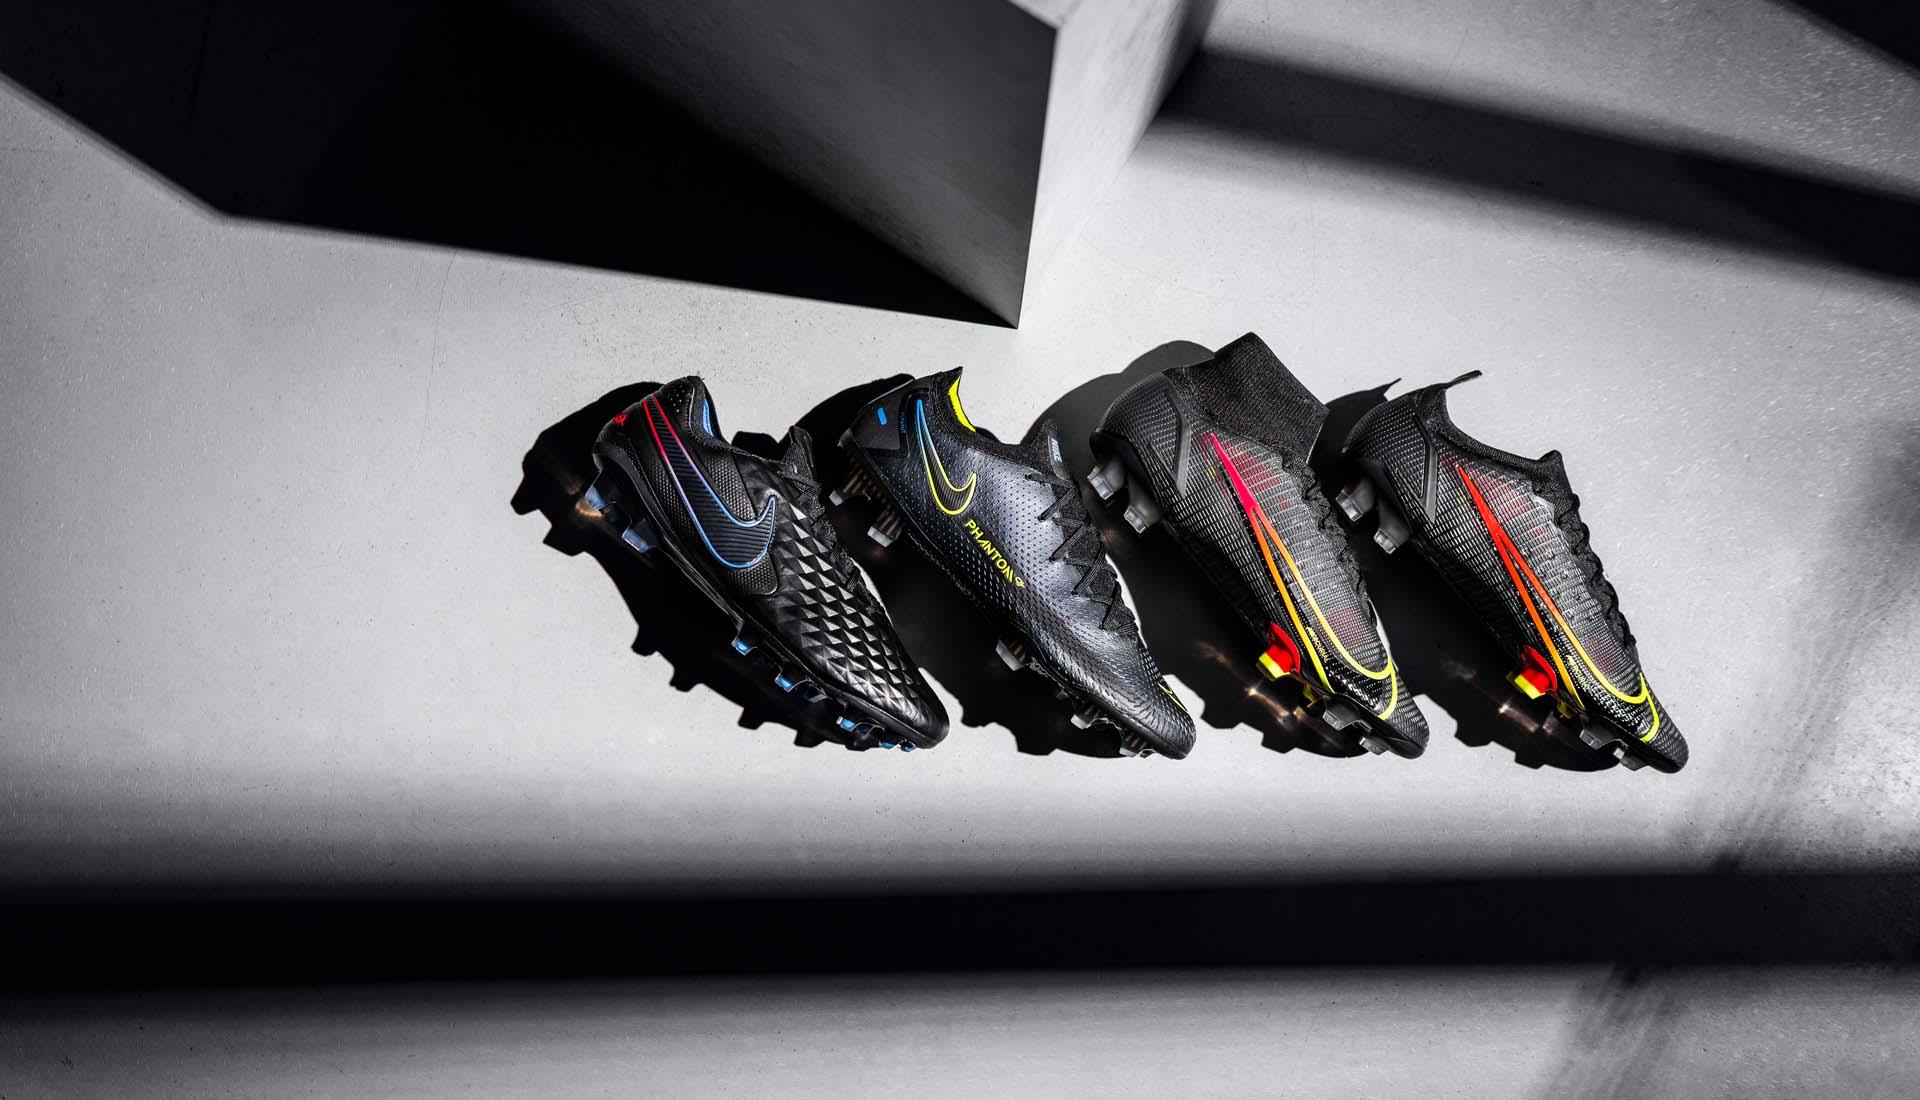 Bộ sưu tập giày đá bóng Nike